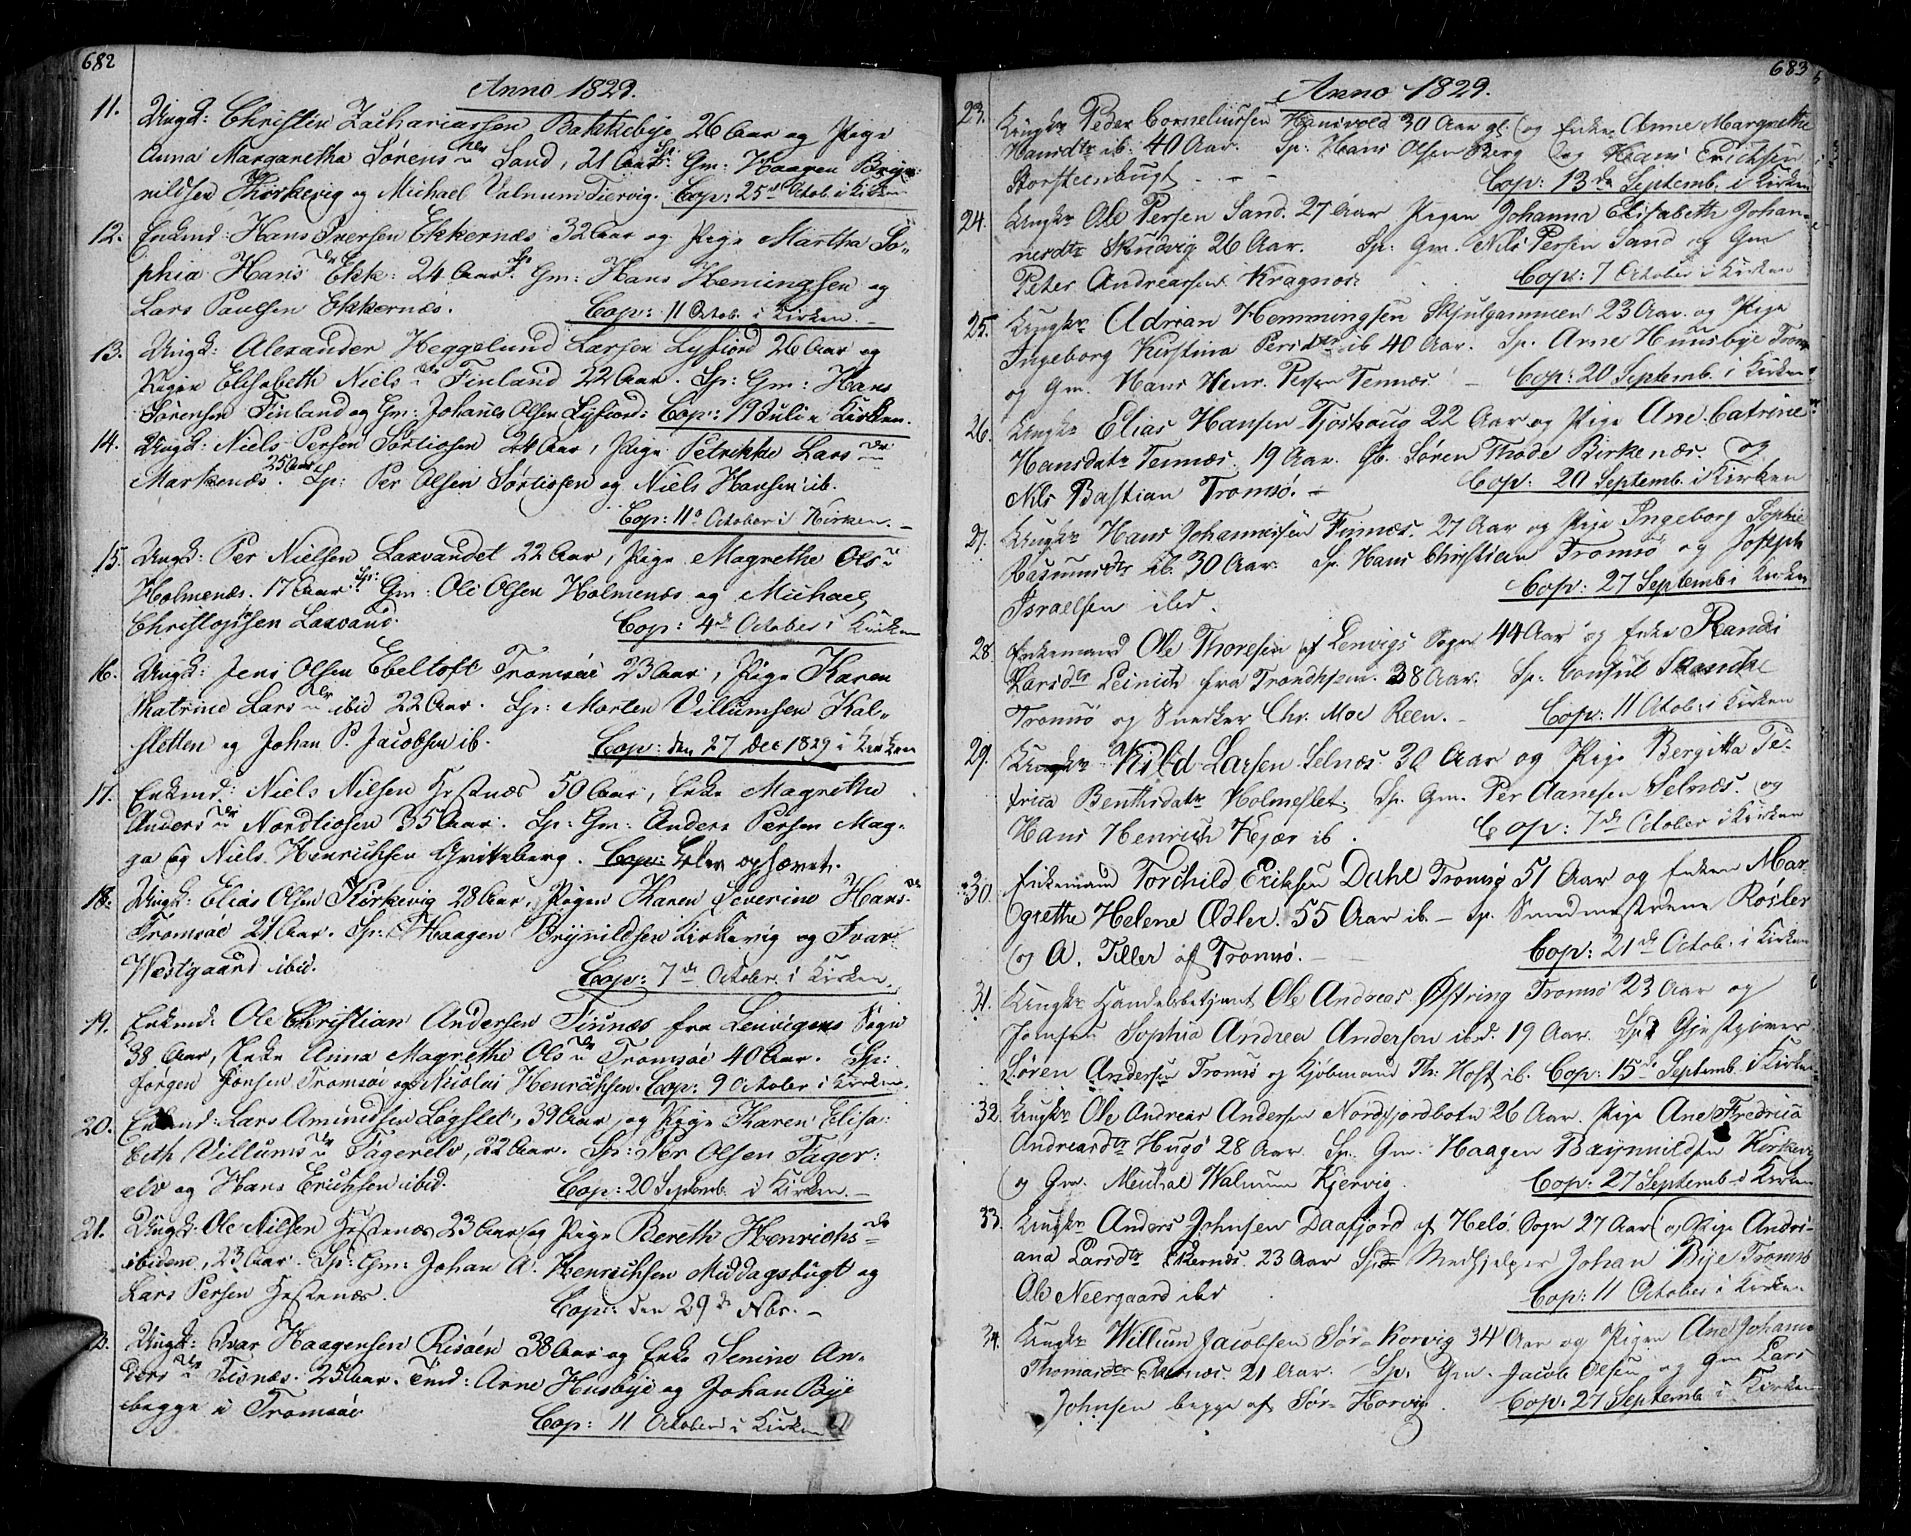 SATØ, Tromsø sokneprestkontor/stiftsprosti/domprosti, G/Ga/L0008kirke: Ministerialbok nr. 8, 1829-1837, s. 682-683